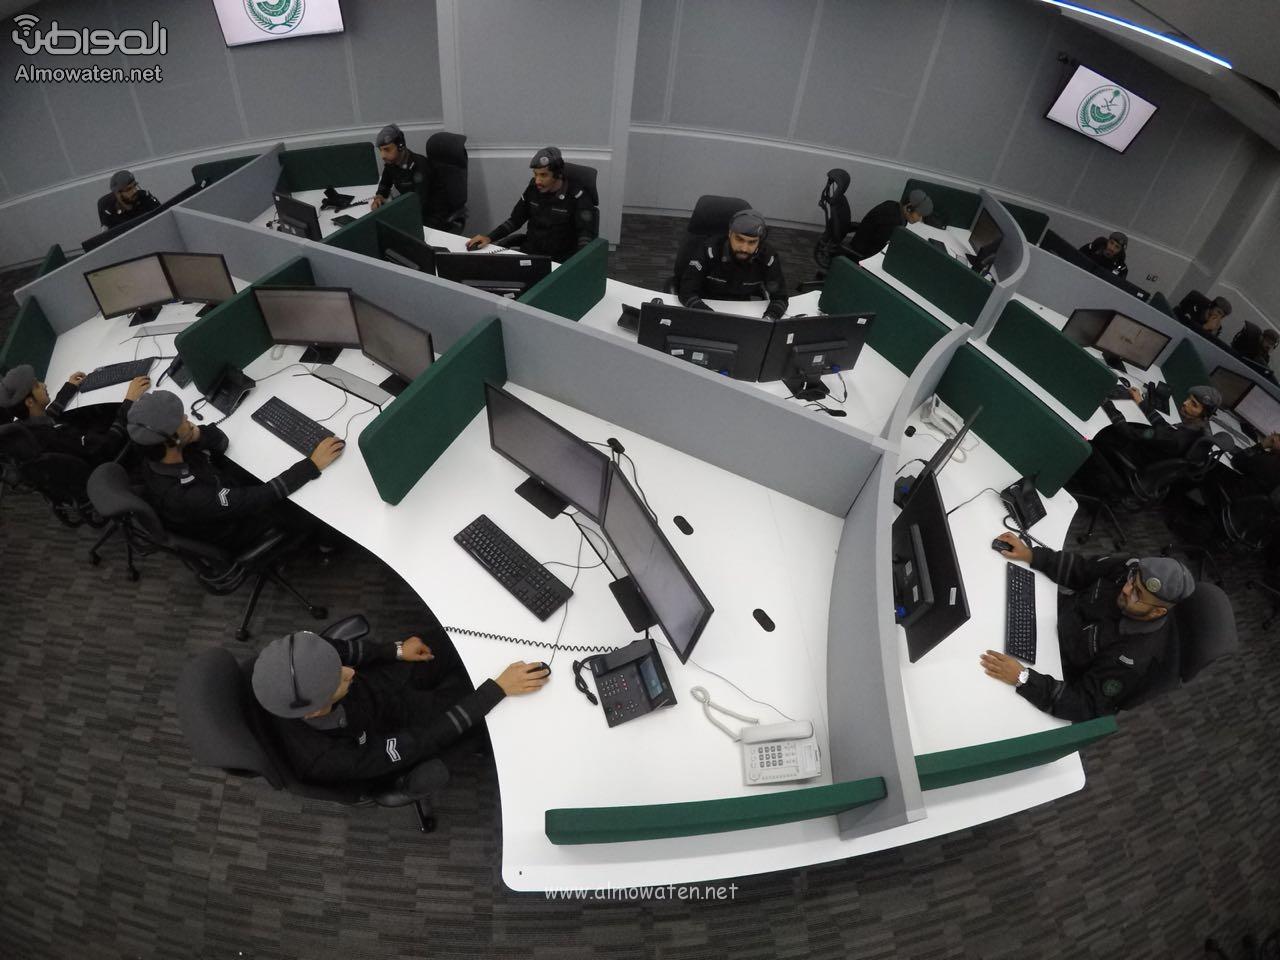 مركز العمليات الأمنية 911 12